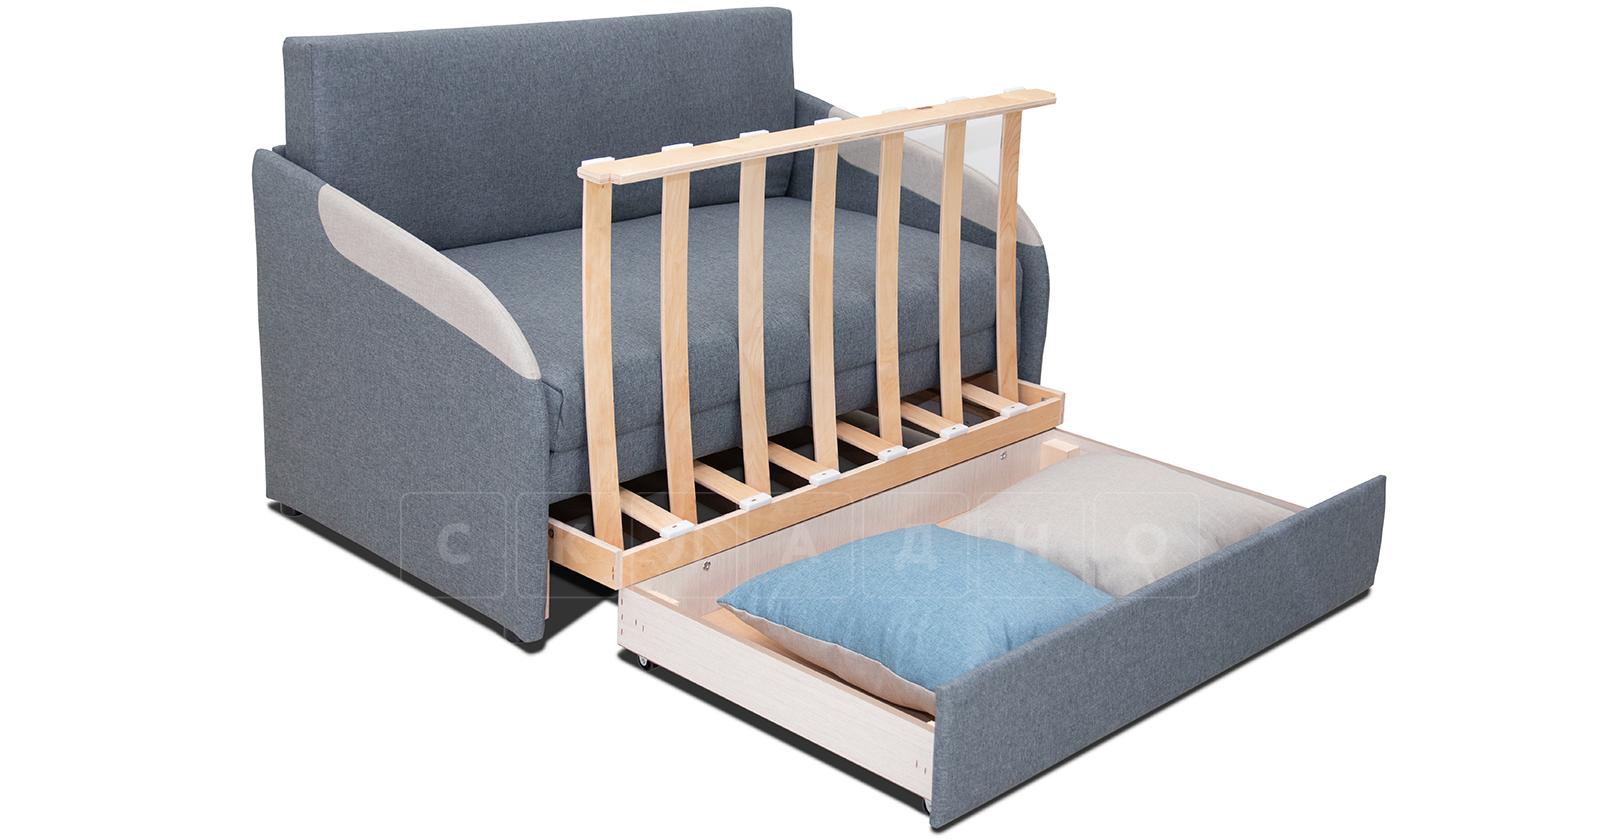 Диван-кровать с узкими подлокотниками Громит 120 серый ТД 133 фото 4 | интернет-магазин Складно